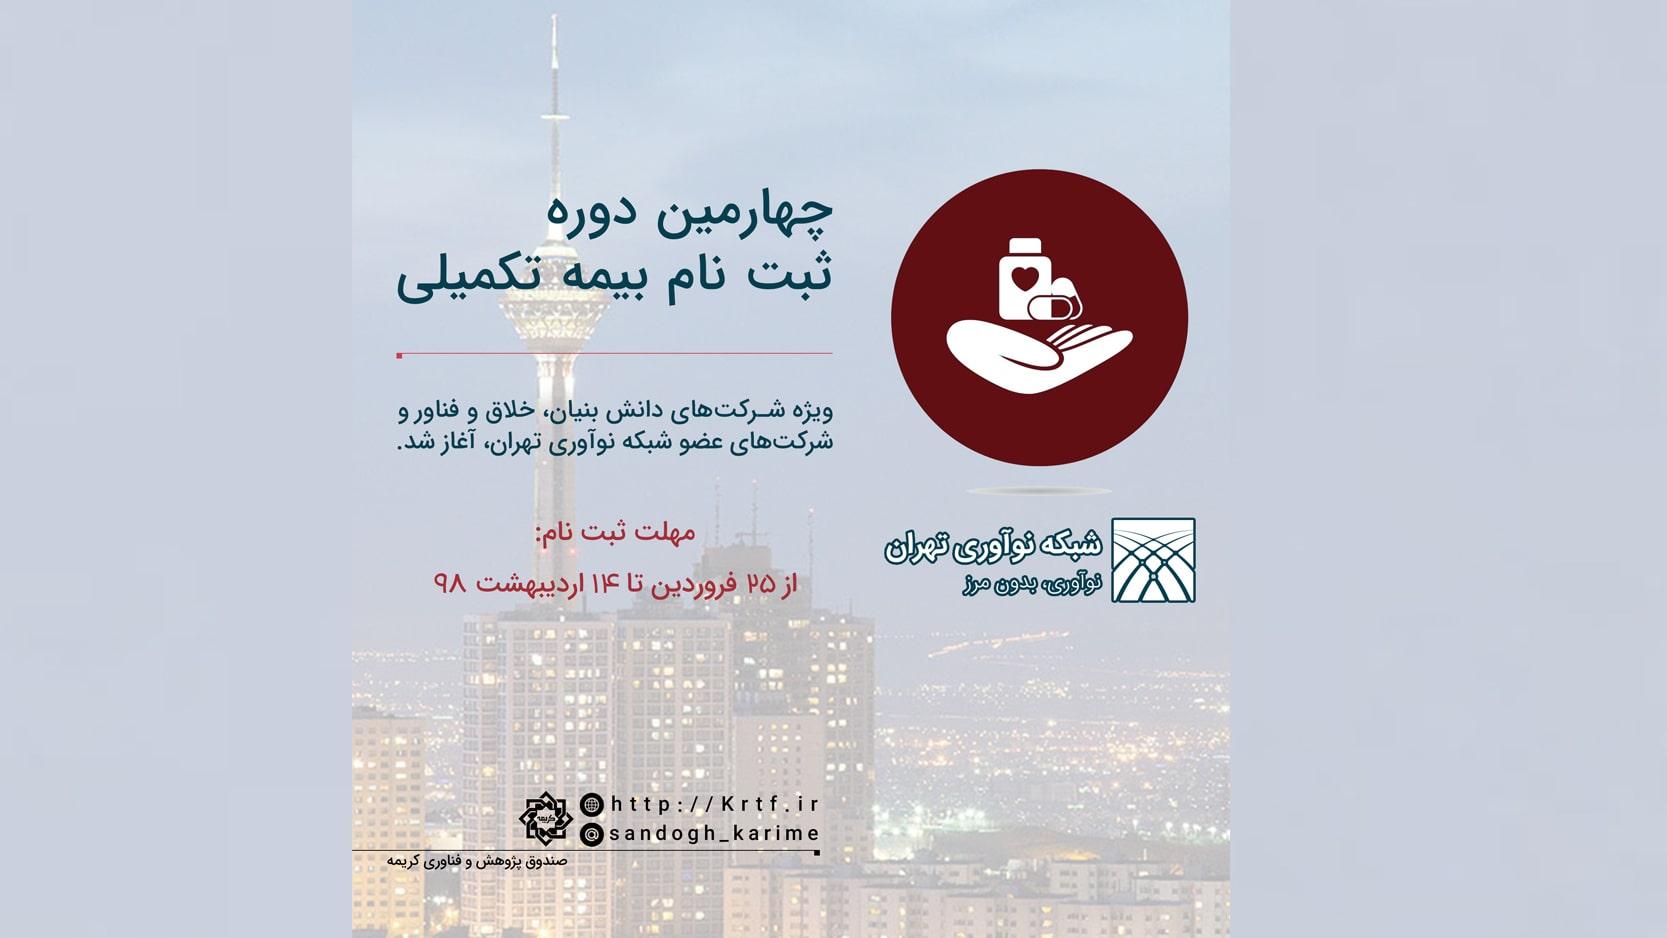 ثبت نام بیمه تکمیلی ویژه شرکتهای دانشبنیان